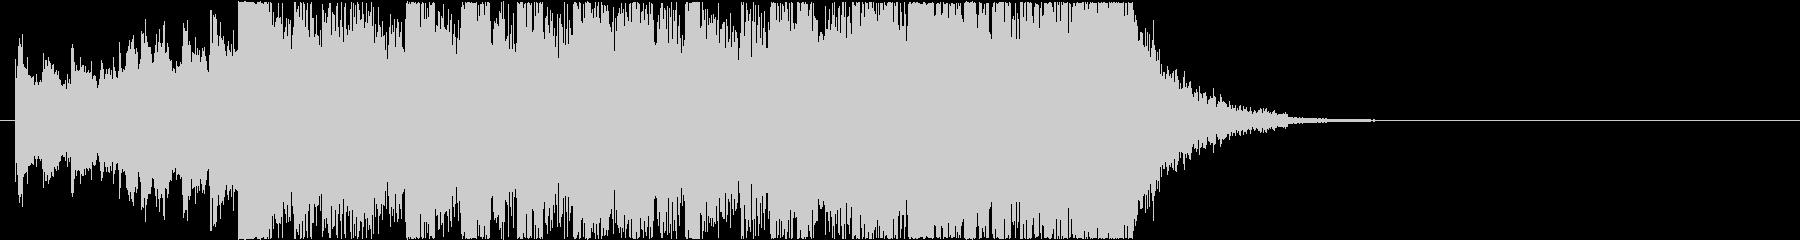 ニュースOP5 16bit44.1kHzの未再生の波形